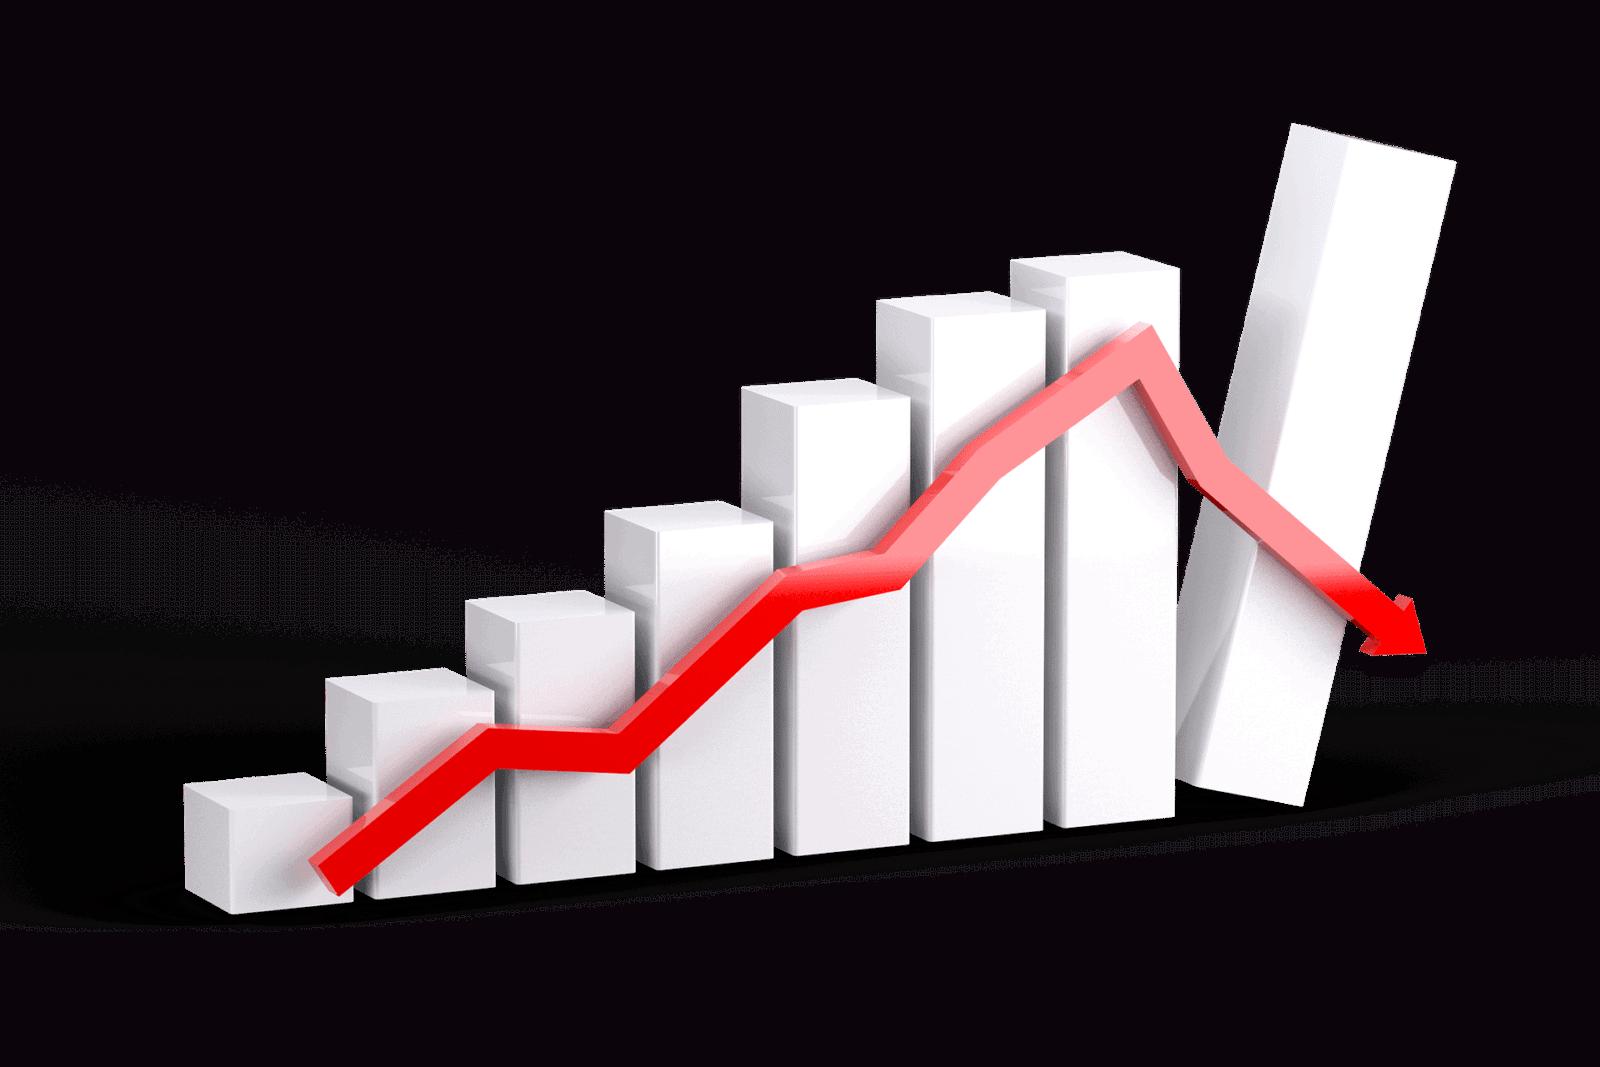 מדוע הלוואת המשכנתא לא יציבה